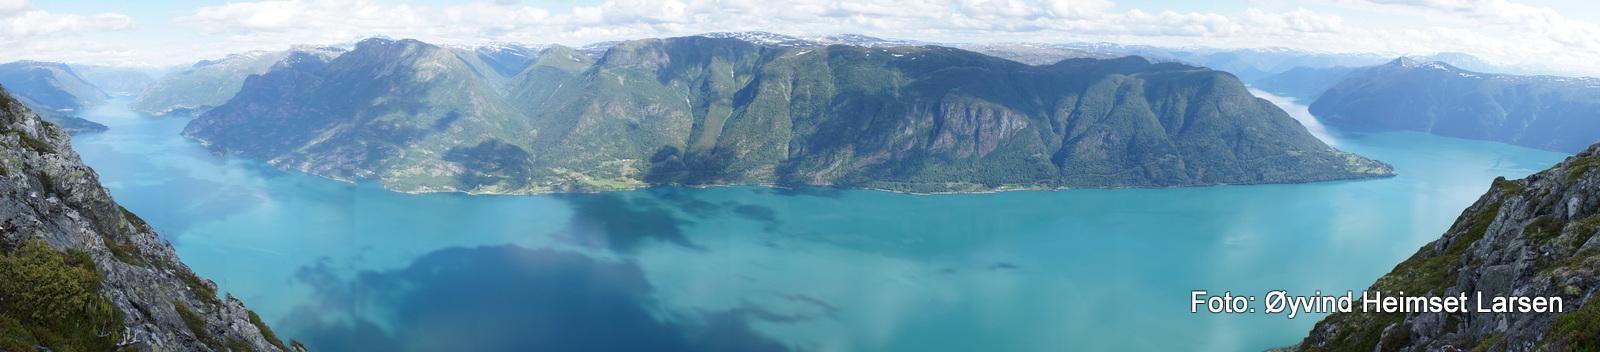 Fjordutsikt ved Molden sommaren 2012